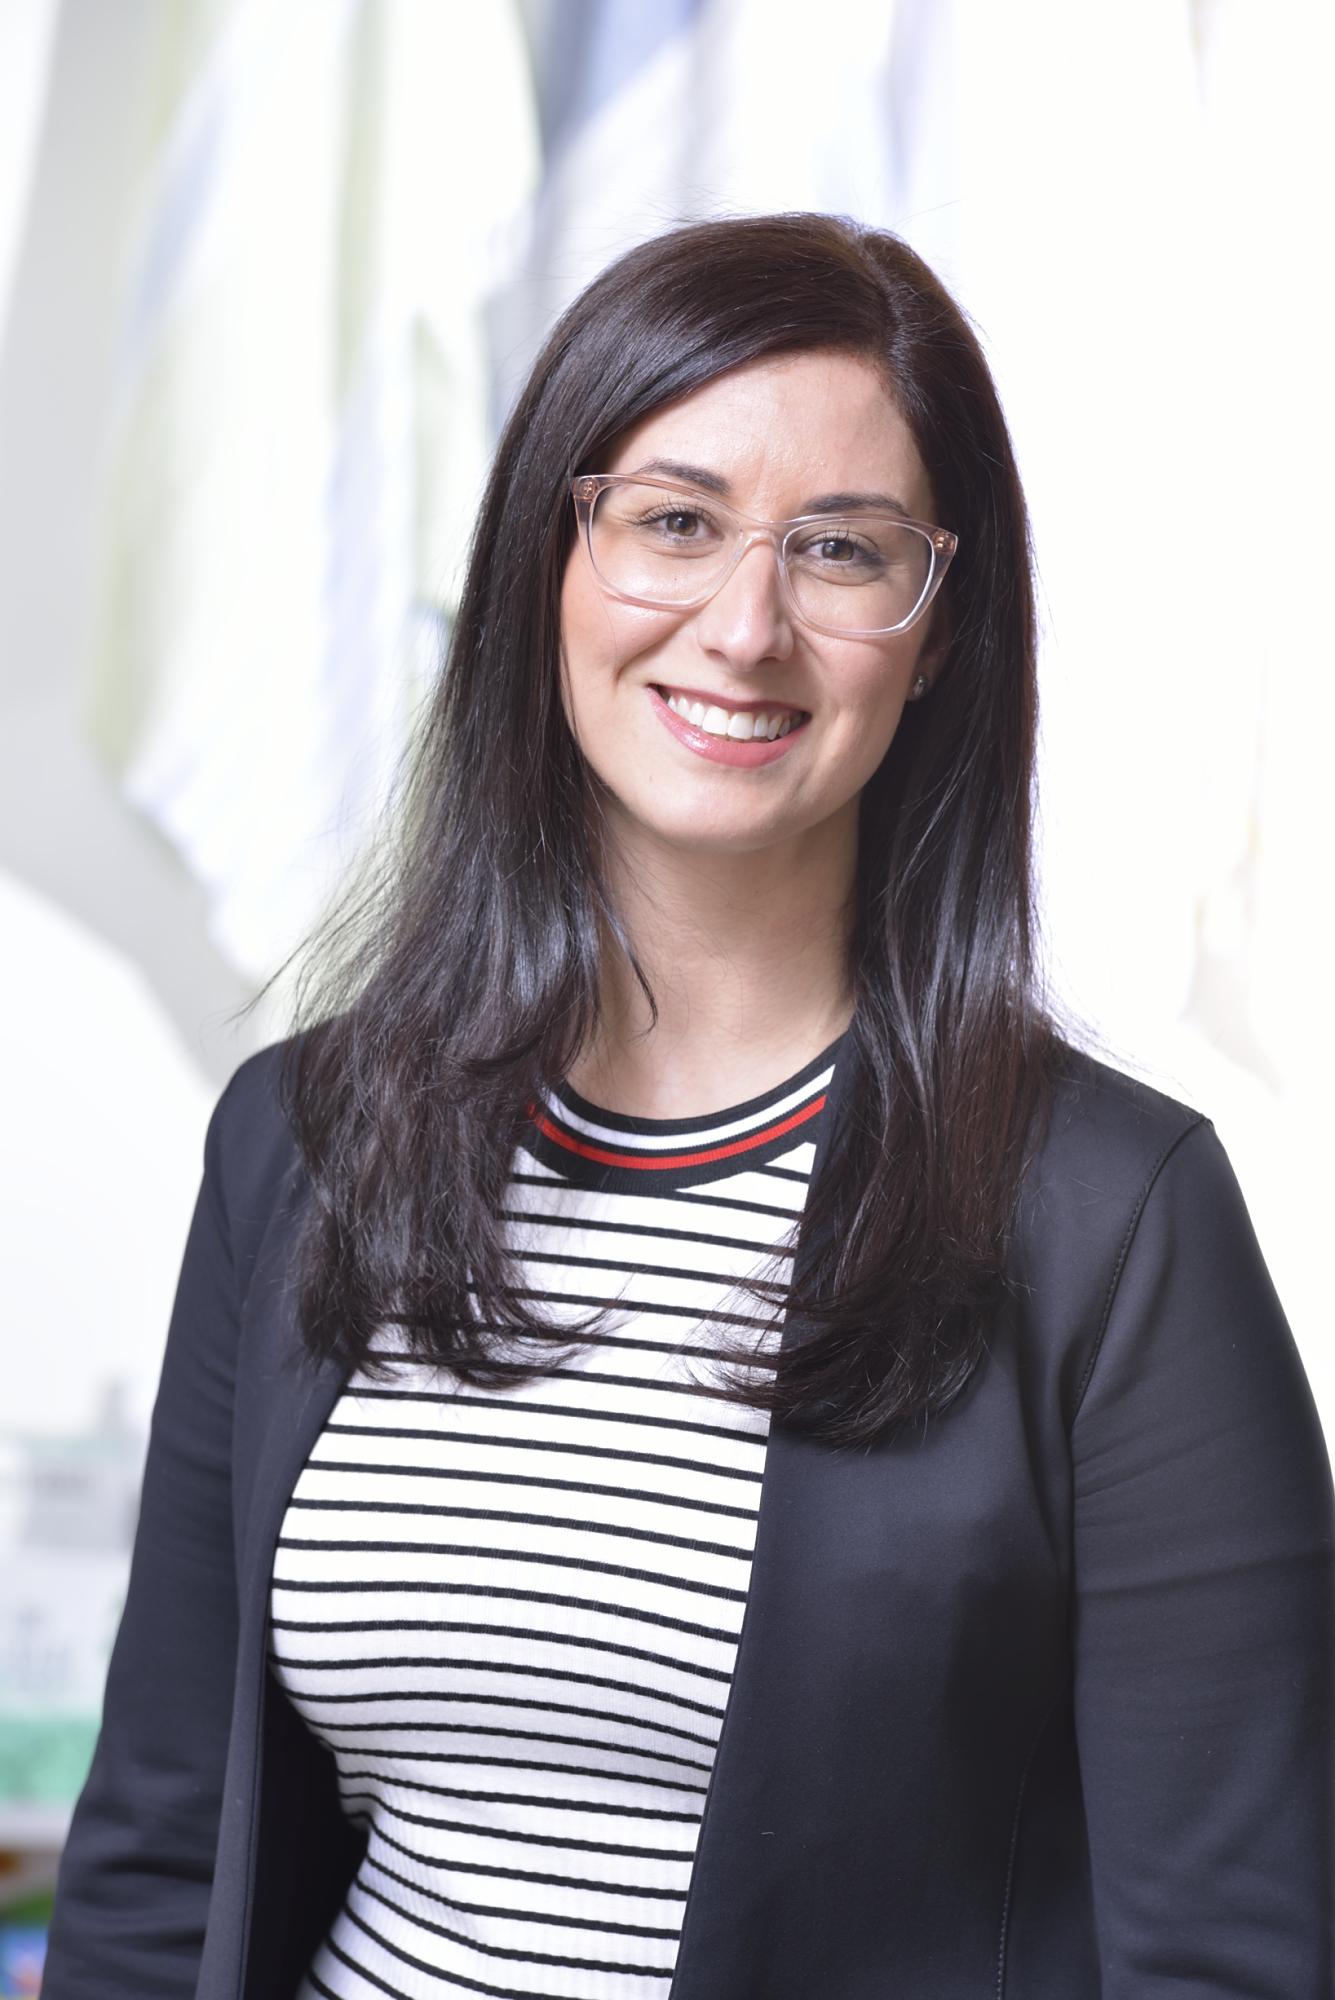 Daniela Ciccarelli